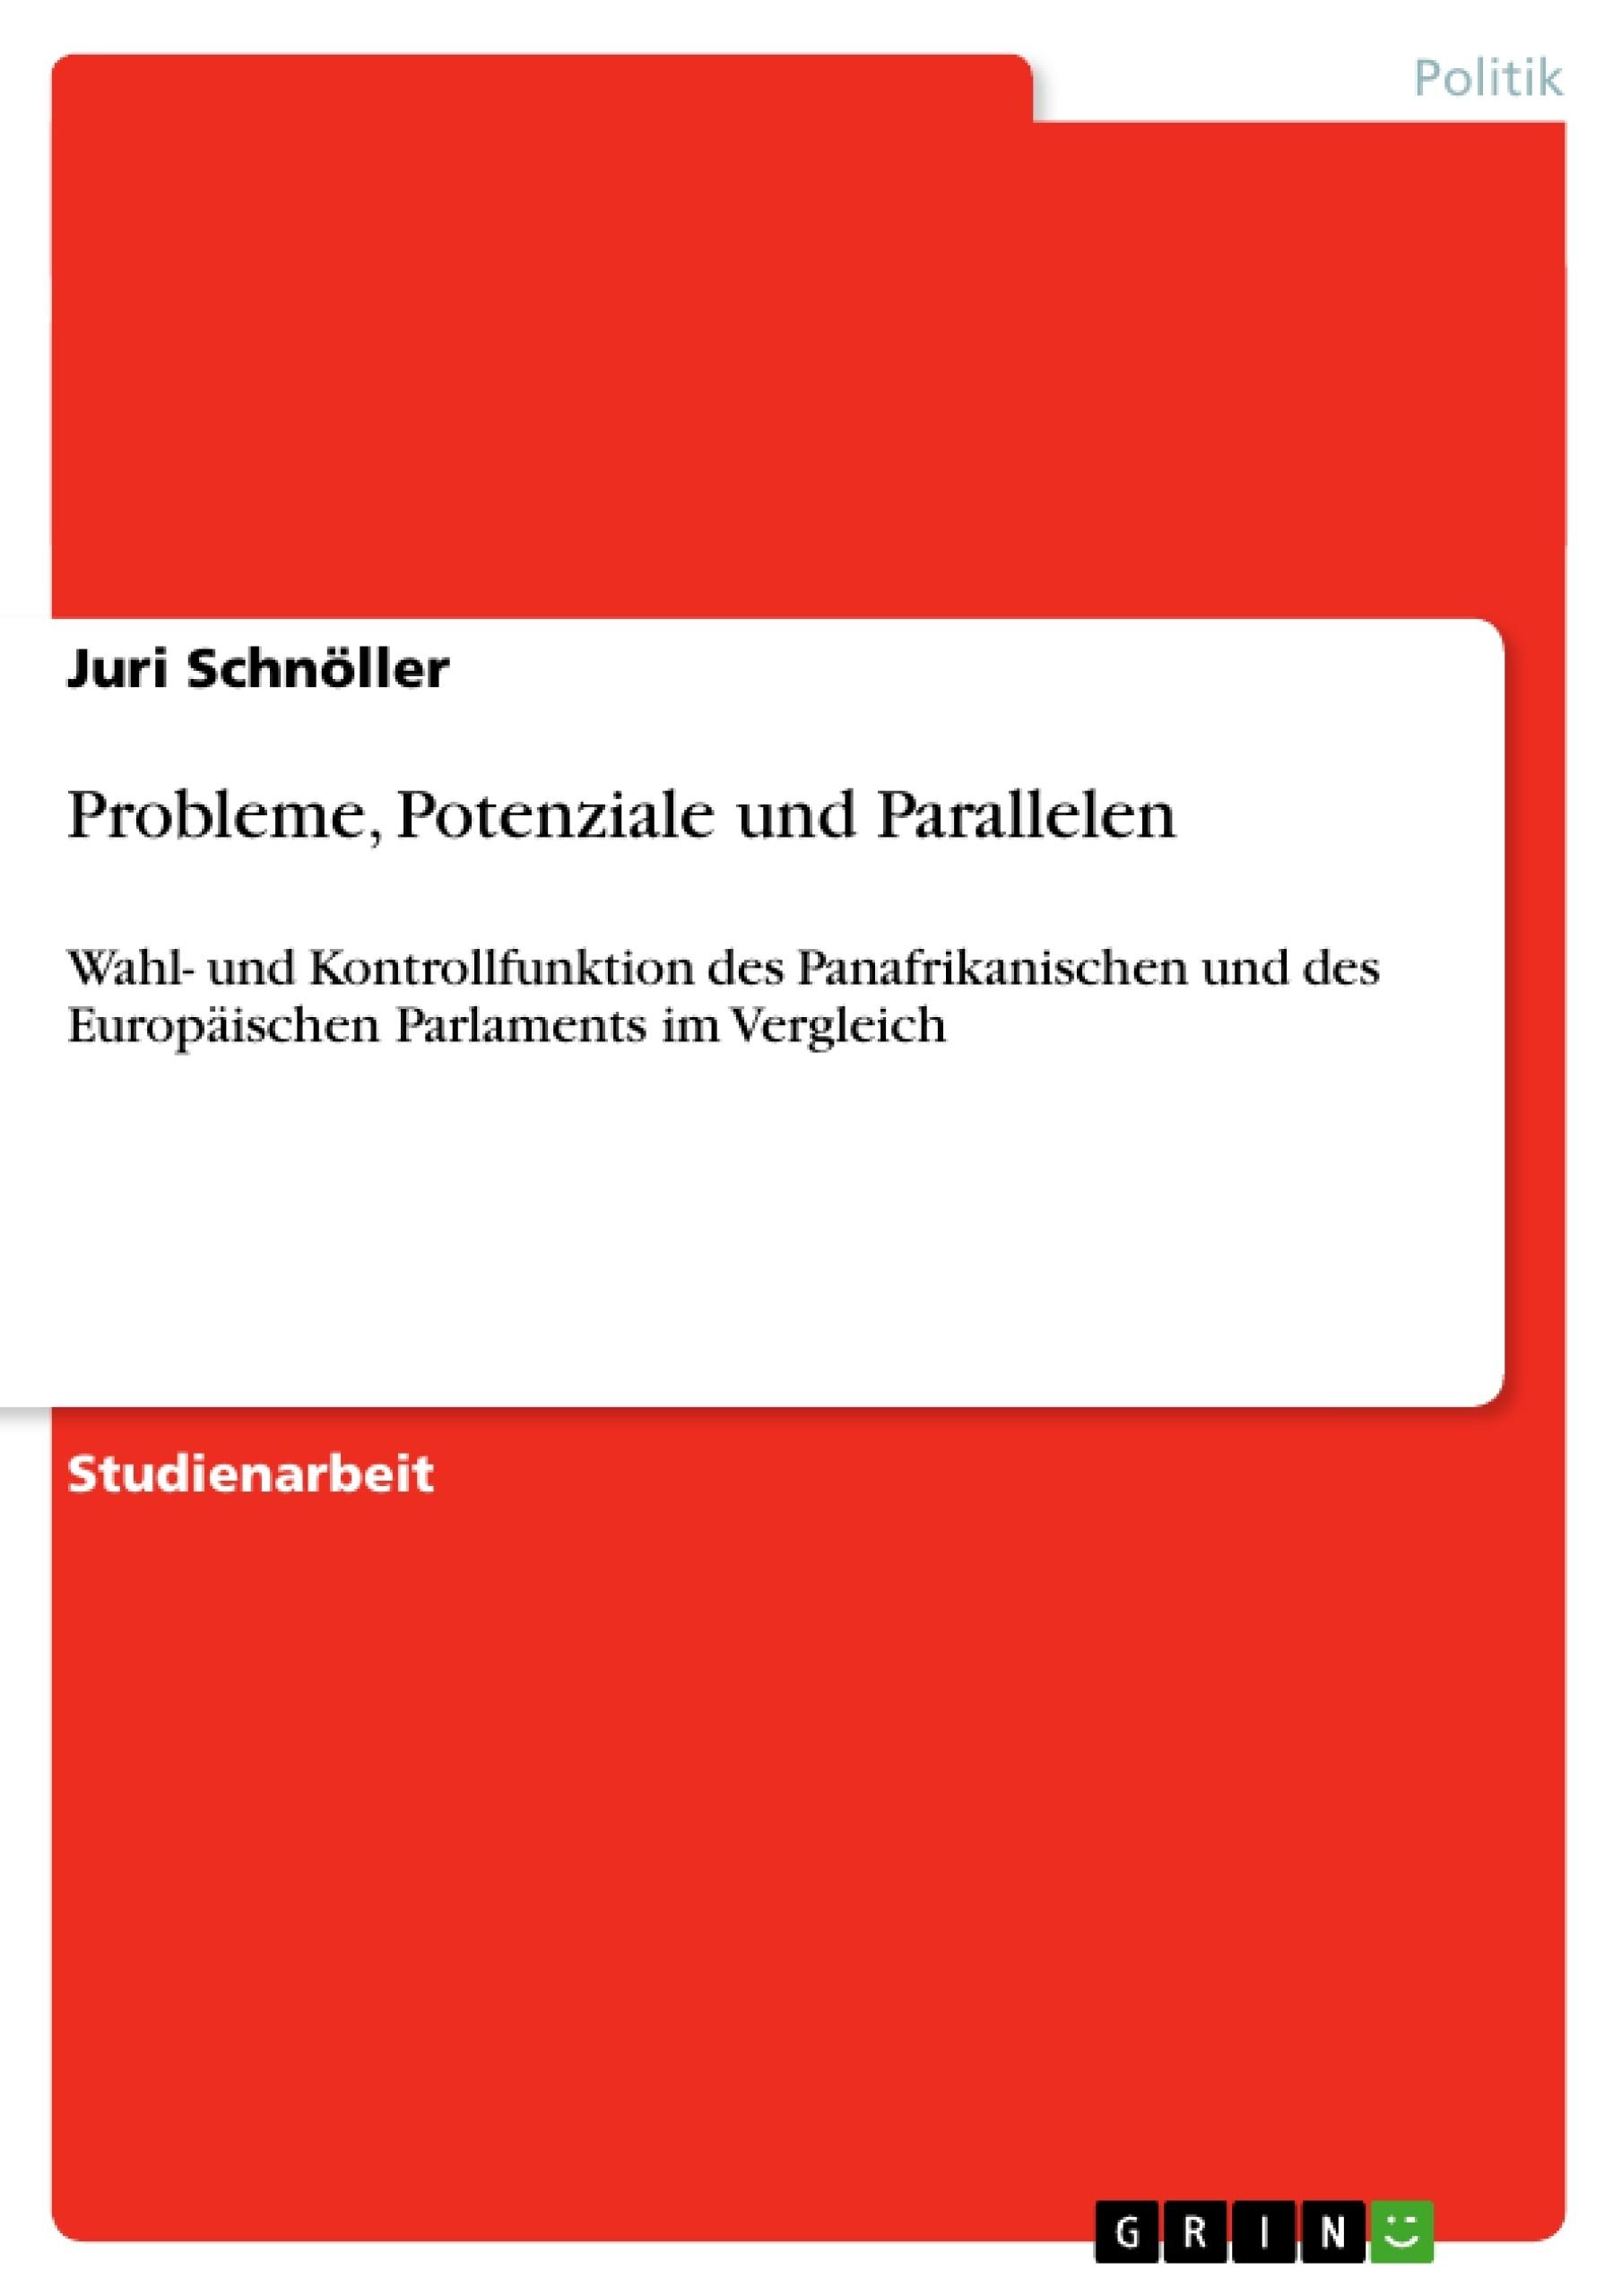 Titel: Probleme, Potenziale und Parallelen